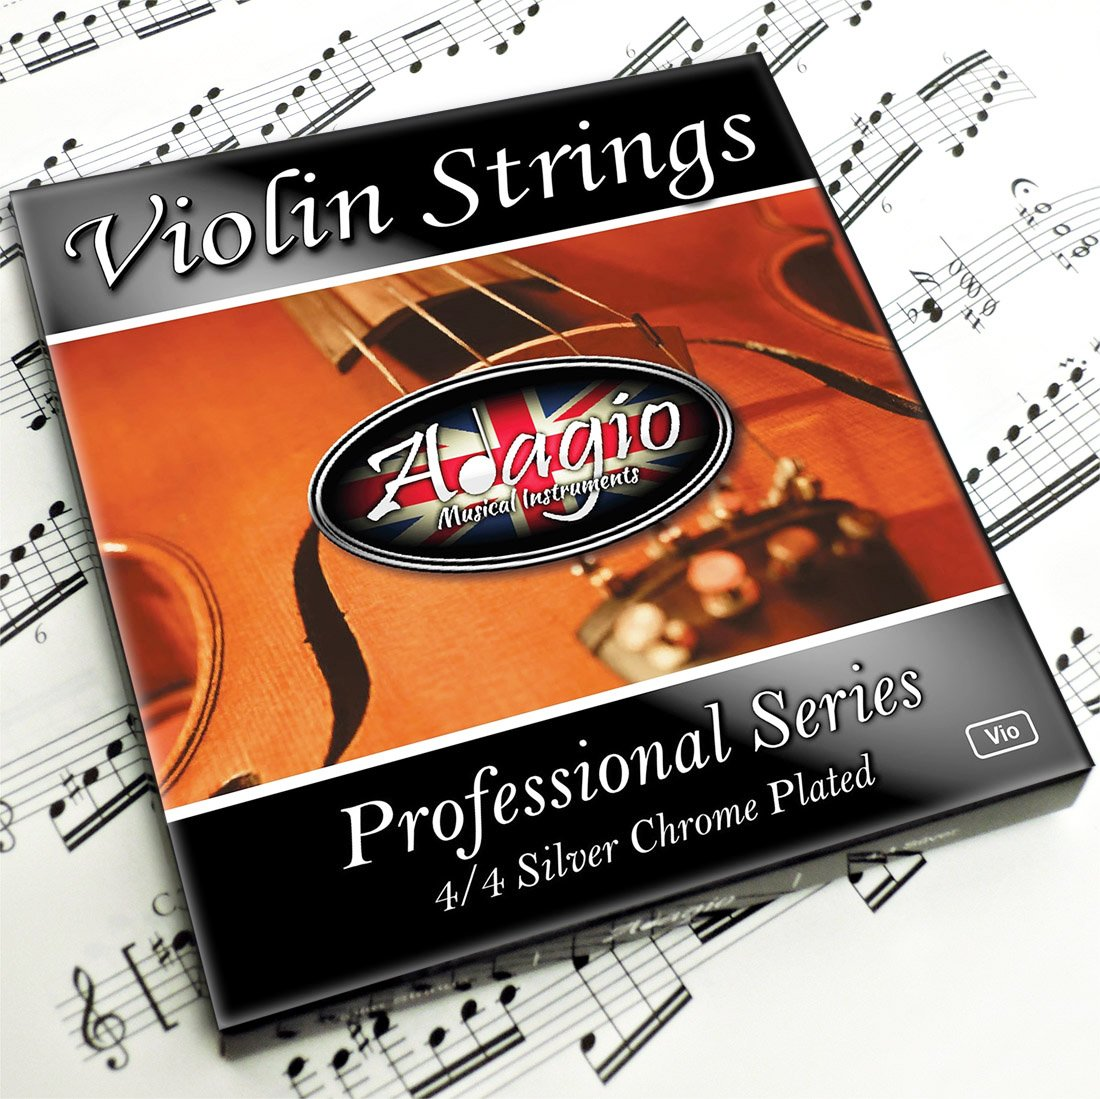 Adagio Pro - Las cuerdas de un violín - 4/4 Classic Silver String Set de violín con rótulas para el concierto Tuning product image